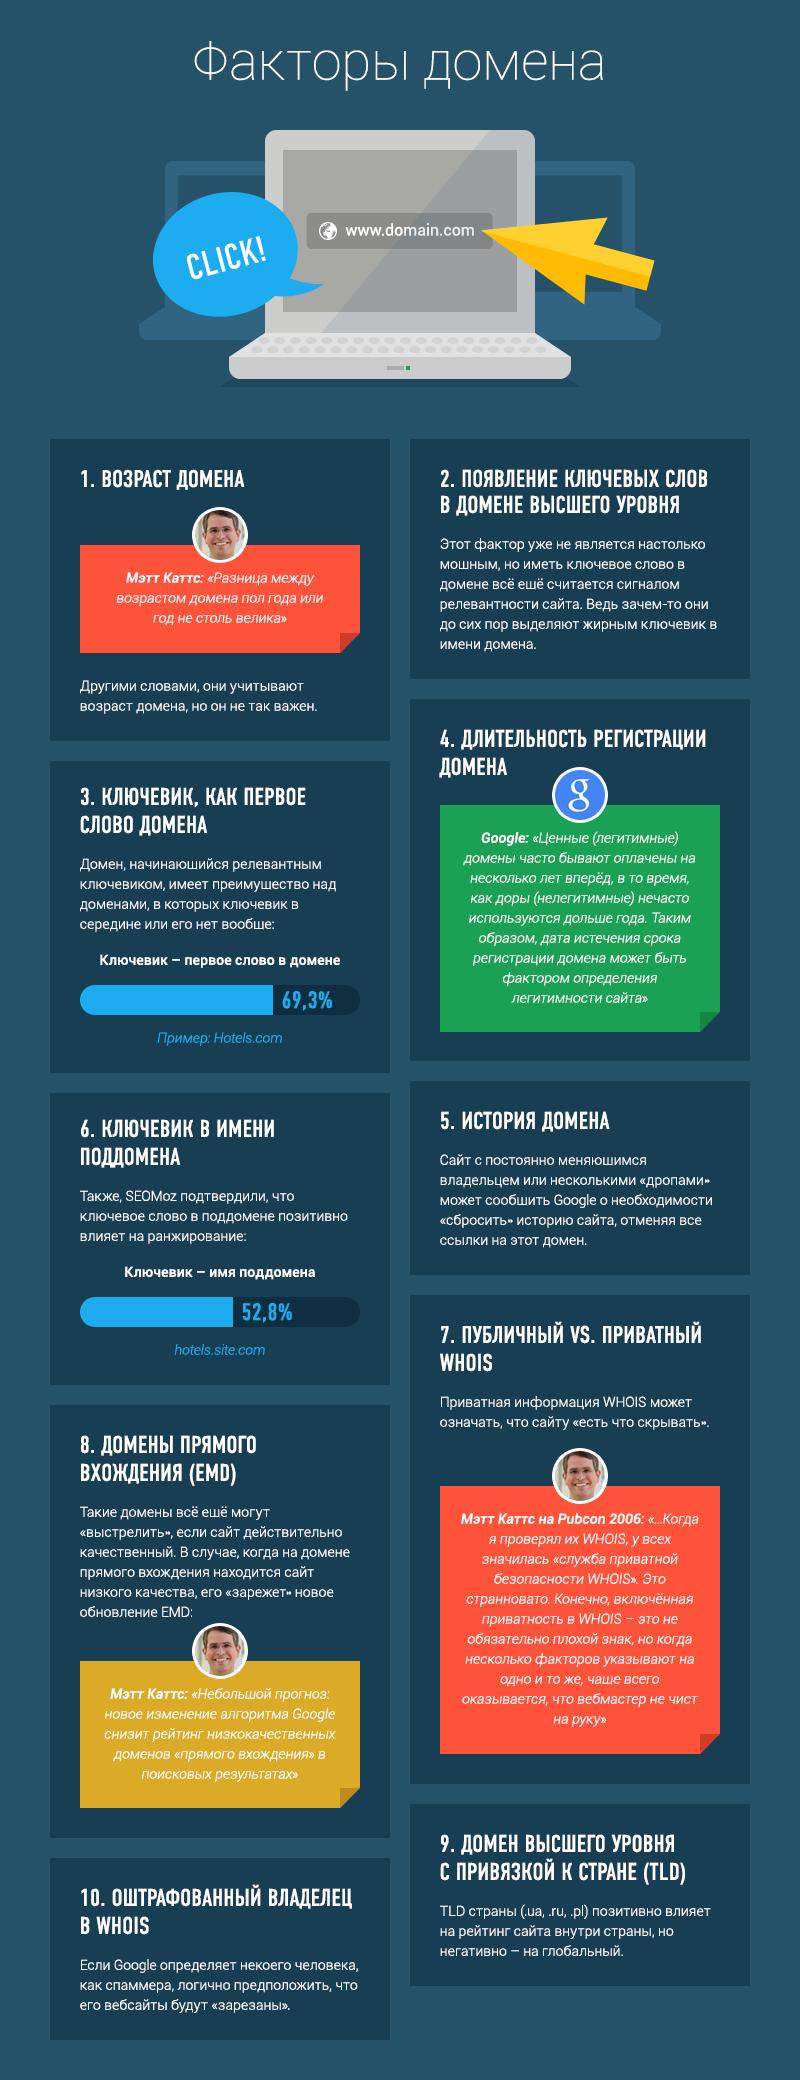 Доменные факторы различного позиционирования сайтов в поисковой выдачи Гугл